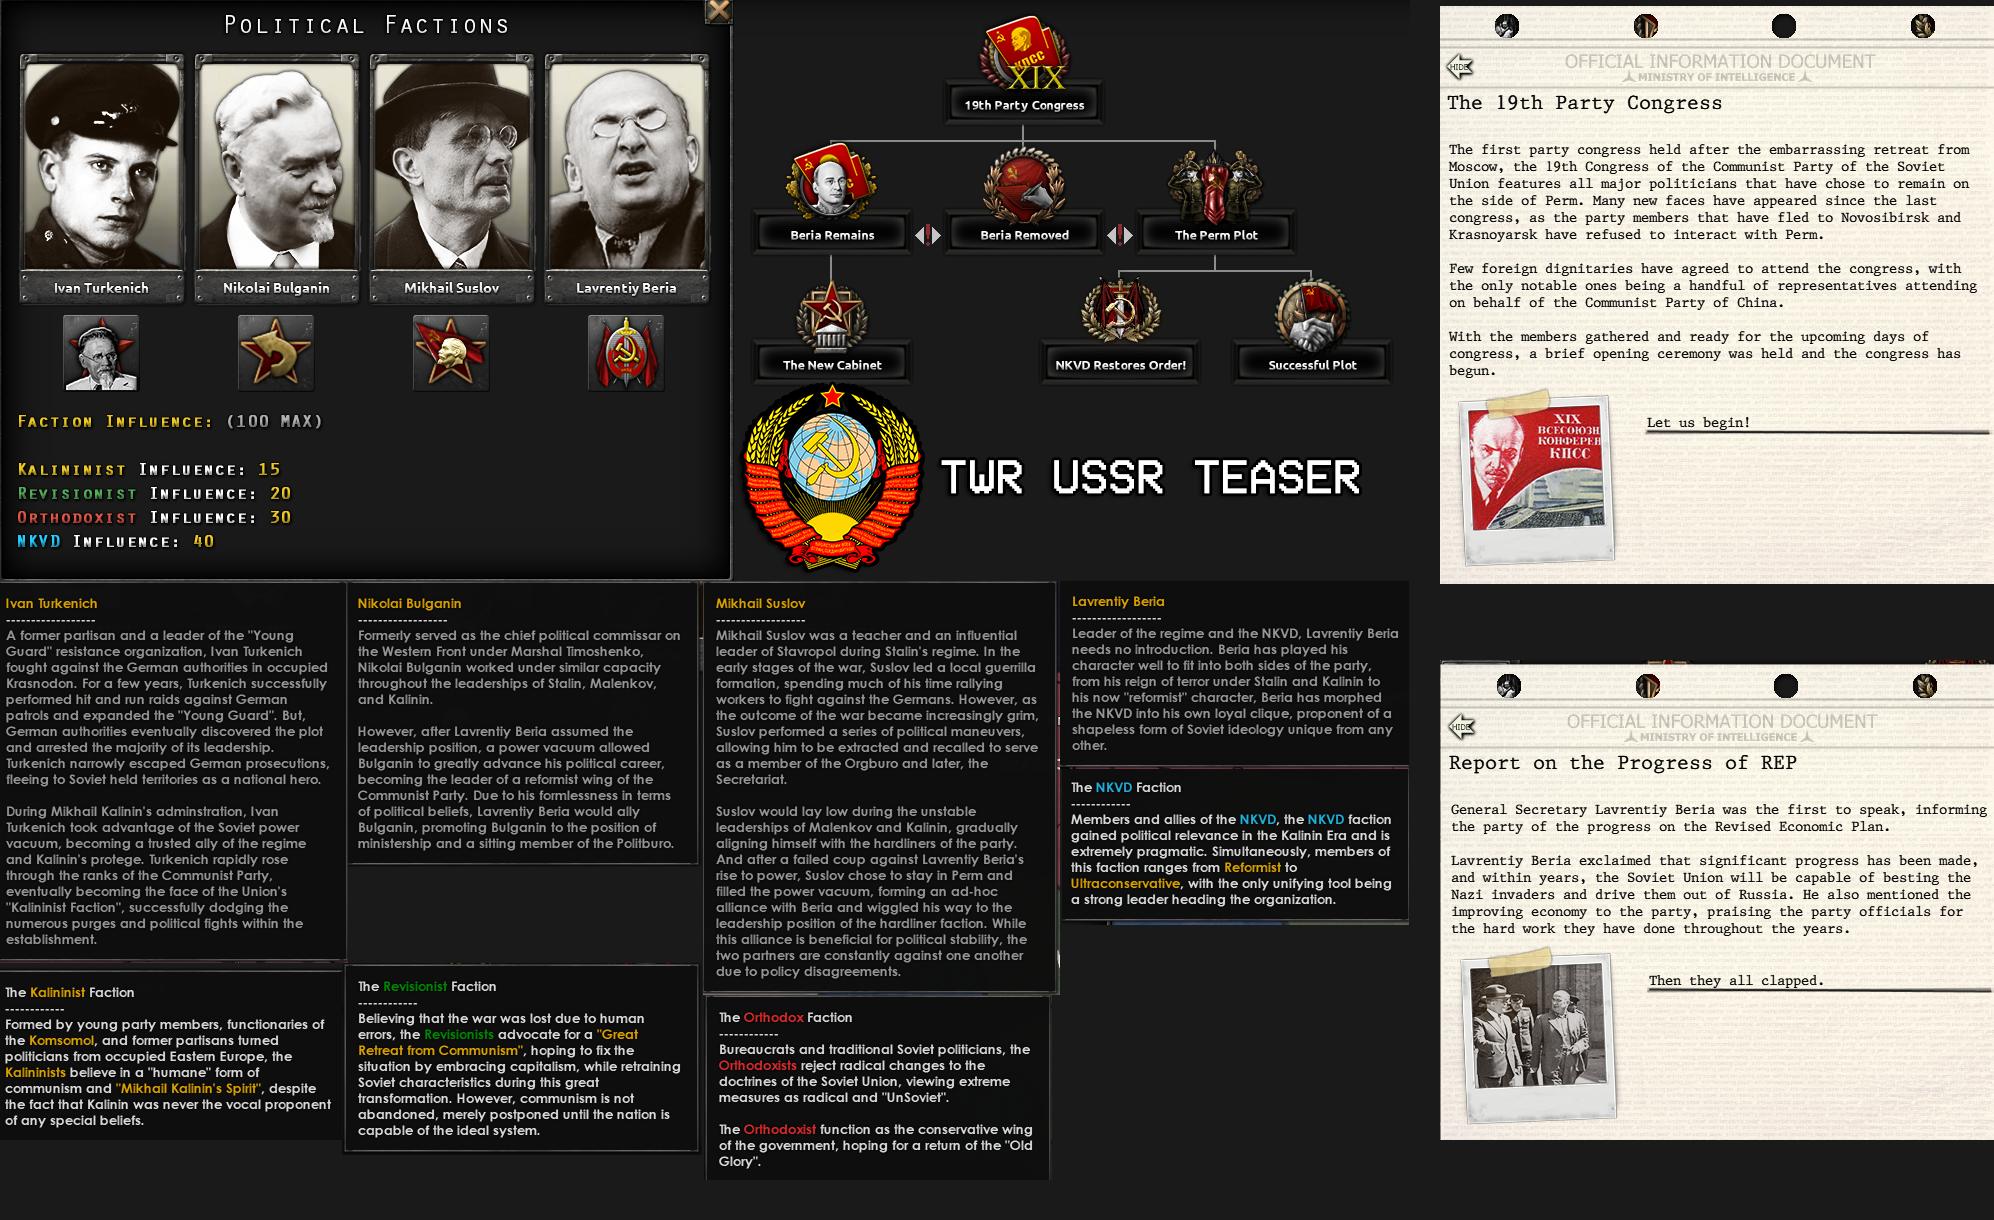 TWR_USSR_Teaser.png